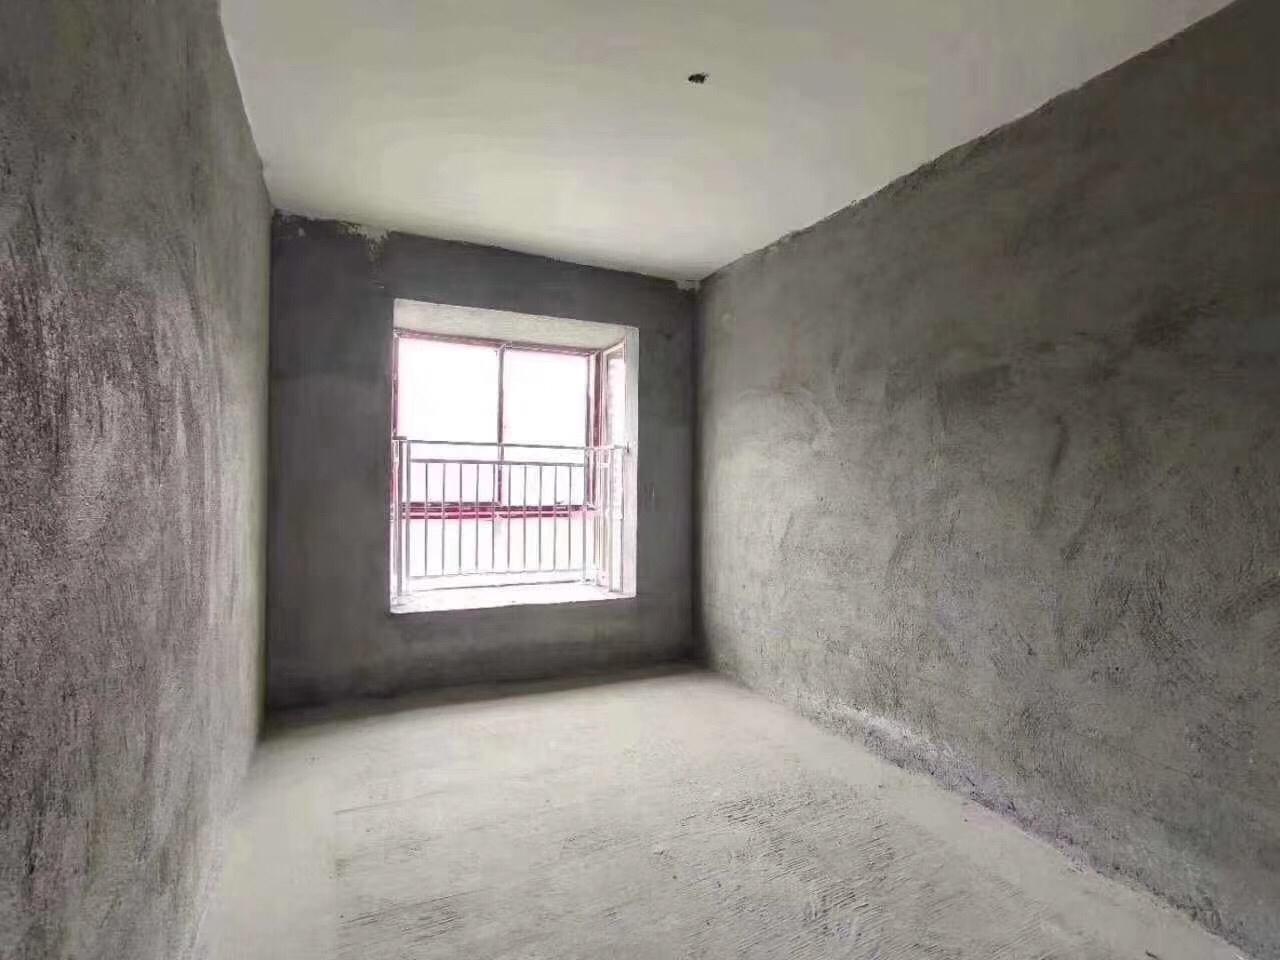 黔龙阳光·皇城大厦3室 2厅 2卫